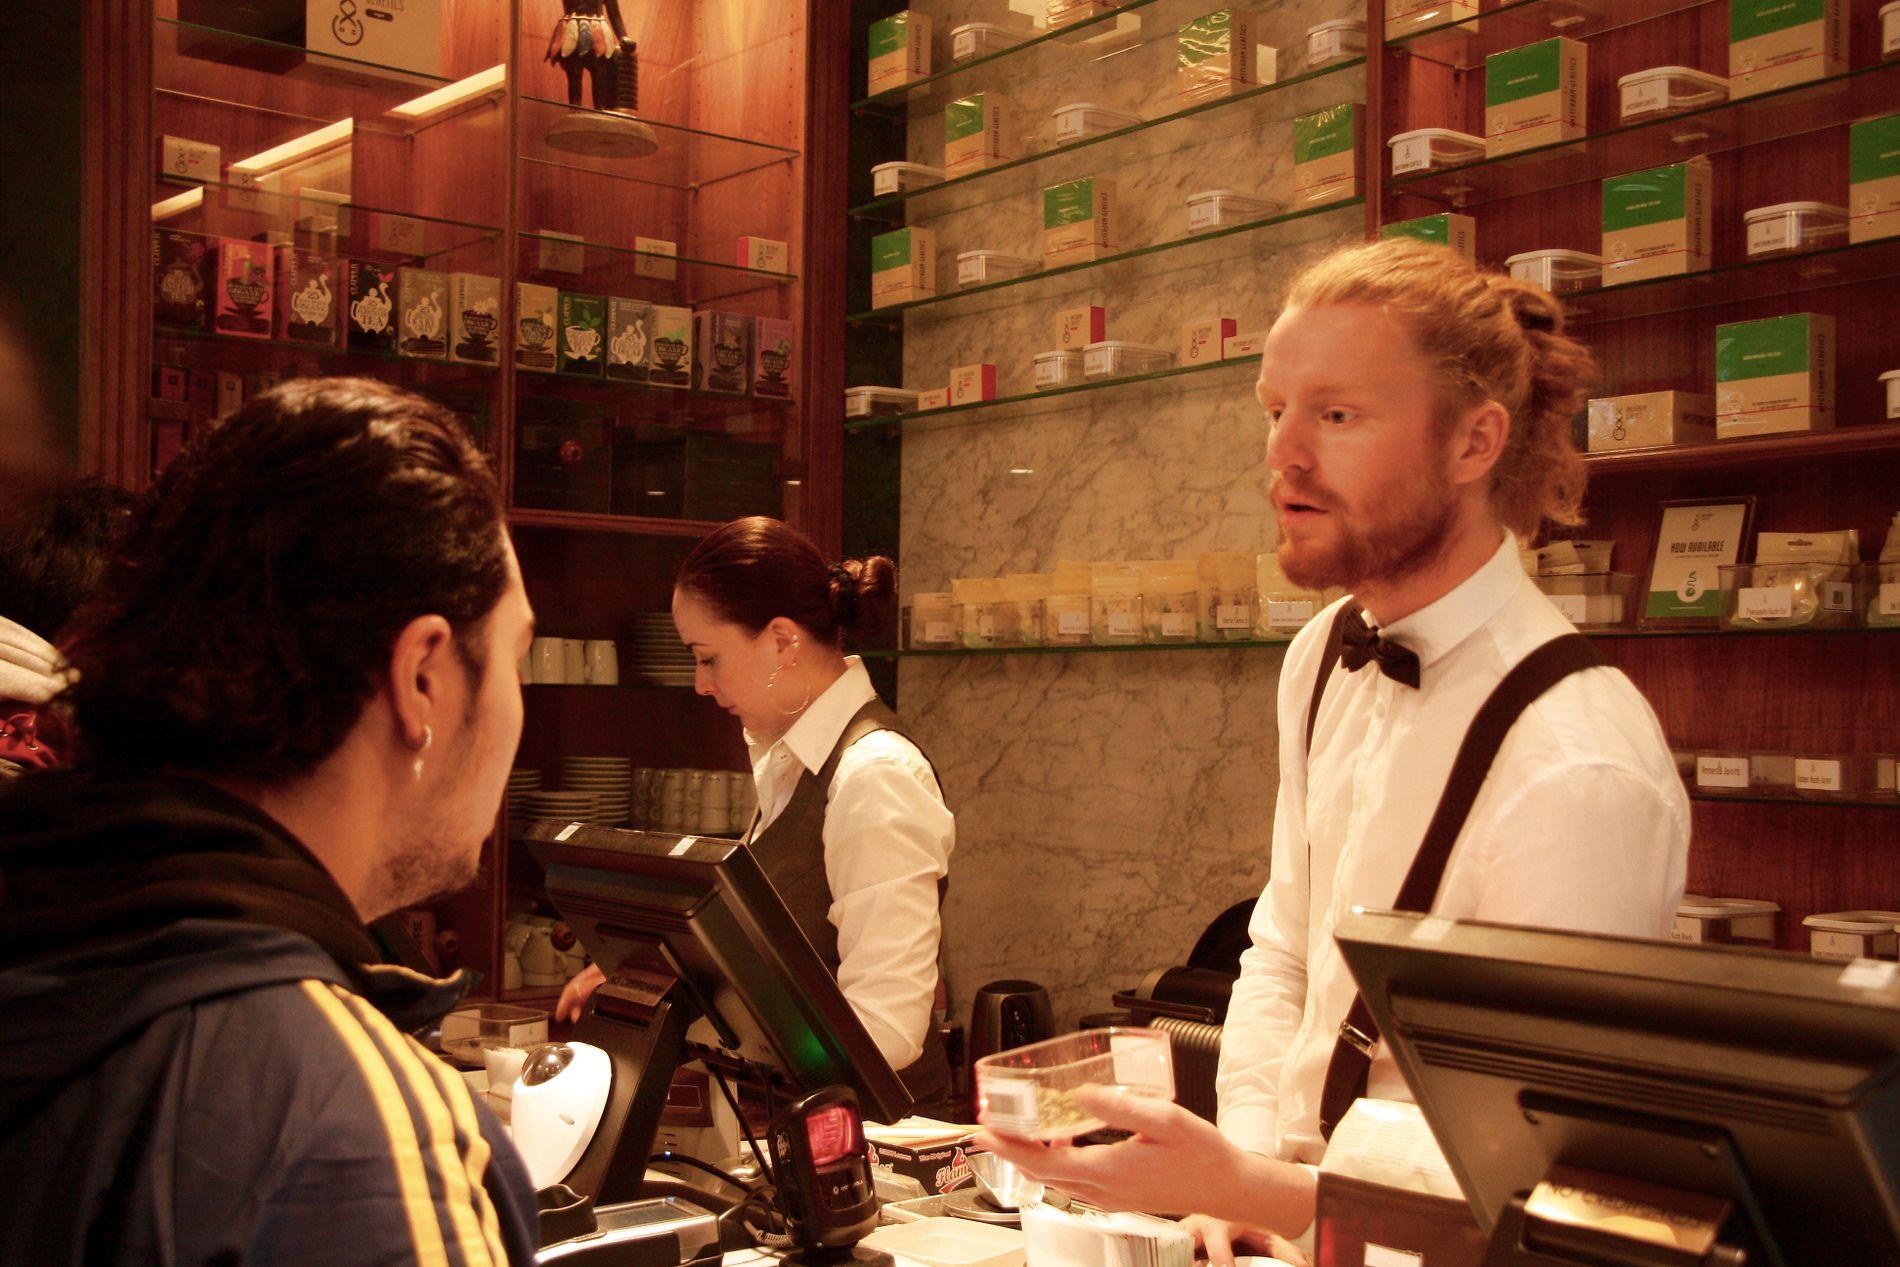 ÅPENT SALG:  Samantha og Teun jobber på Boerejongens Coffee Shop i Amsterdam. Her tilbyr de cannabis og hasj og ferdigrullede jointer til kundene, som består av både lokale og turister. Kortterminalen i butikken står som et klart symbol på hvor stueren denne handelen er her.